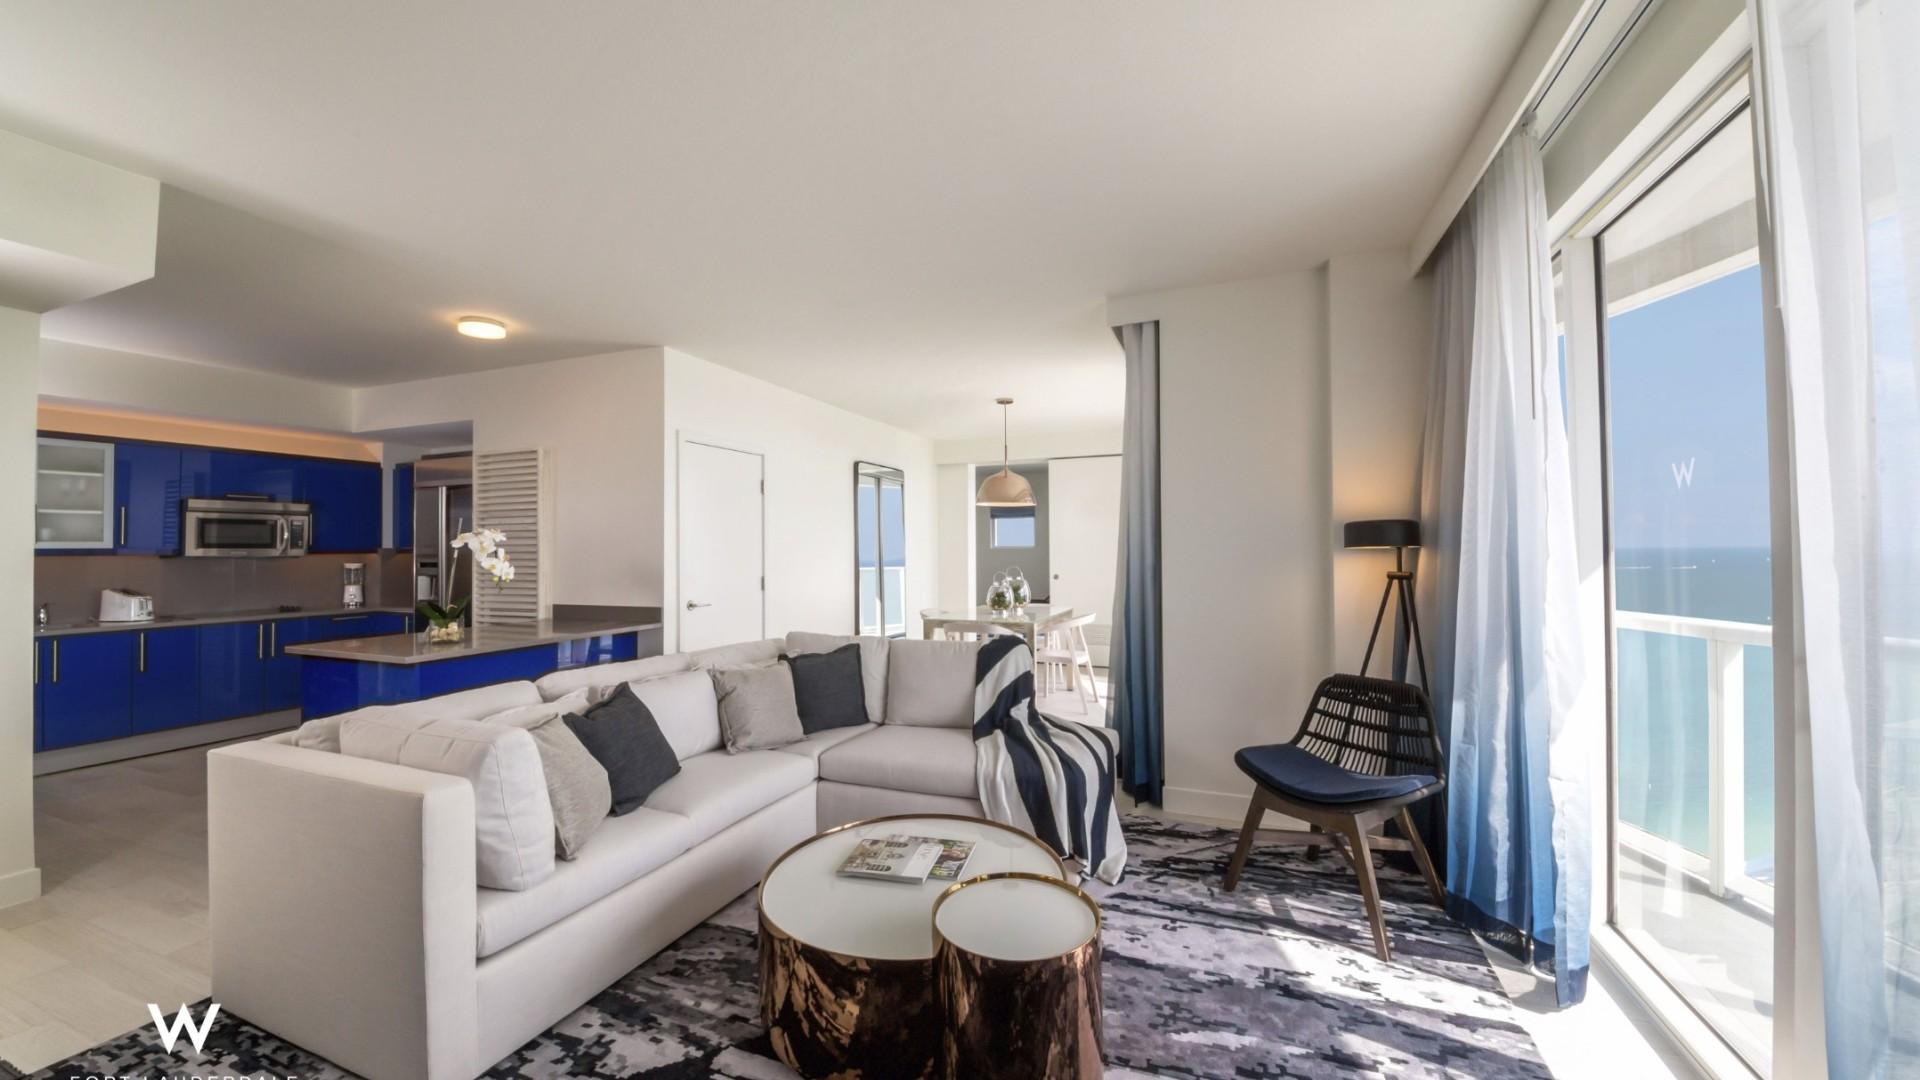 Ático en venta en Dubai, EAU, 4 dormitorios, 1416 m2, № 24265 – foto 1